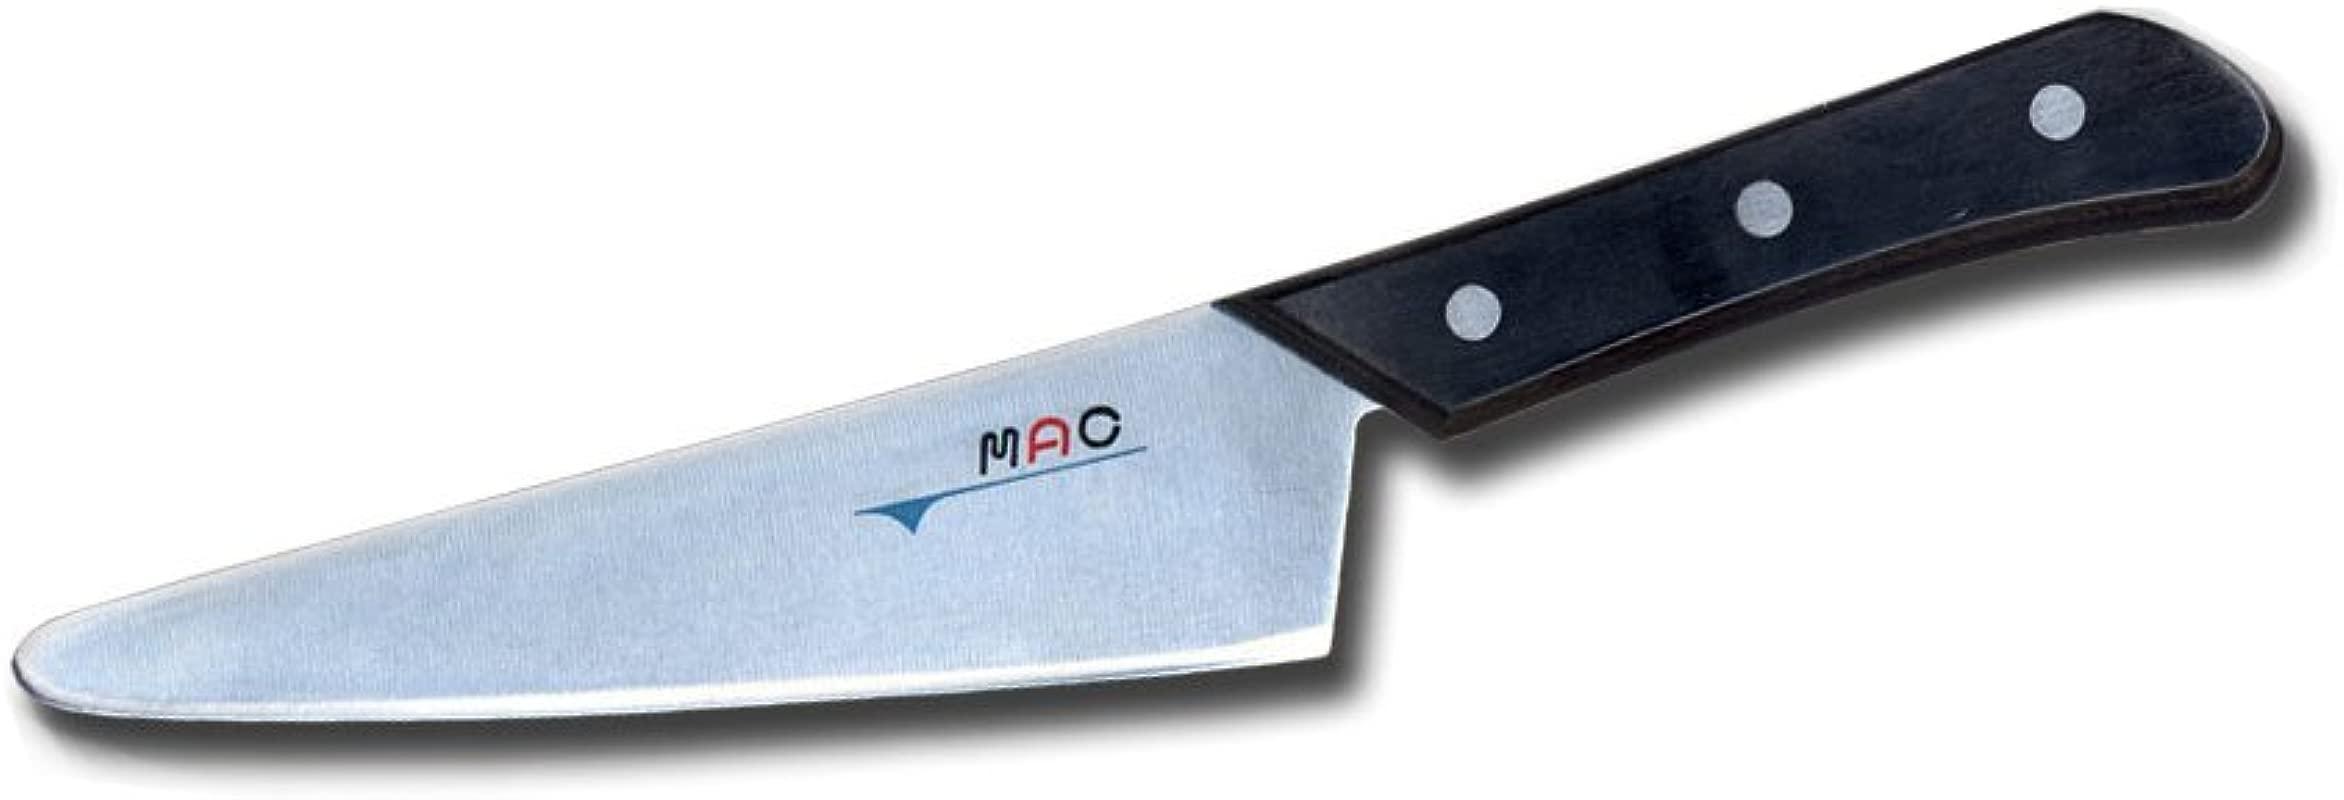 Mac Knife Original Cleaver 6 1 2 Inch